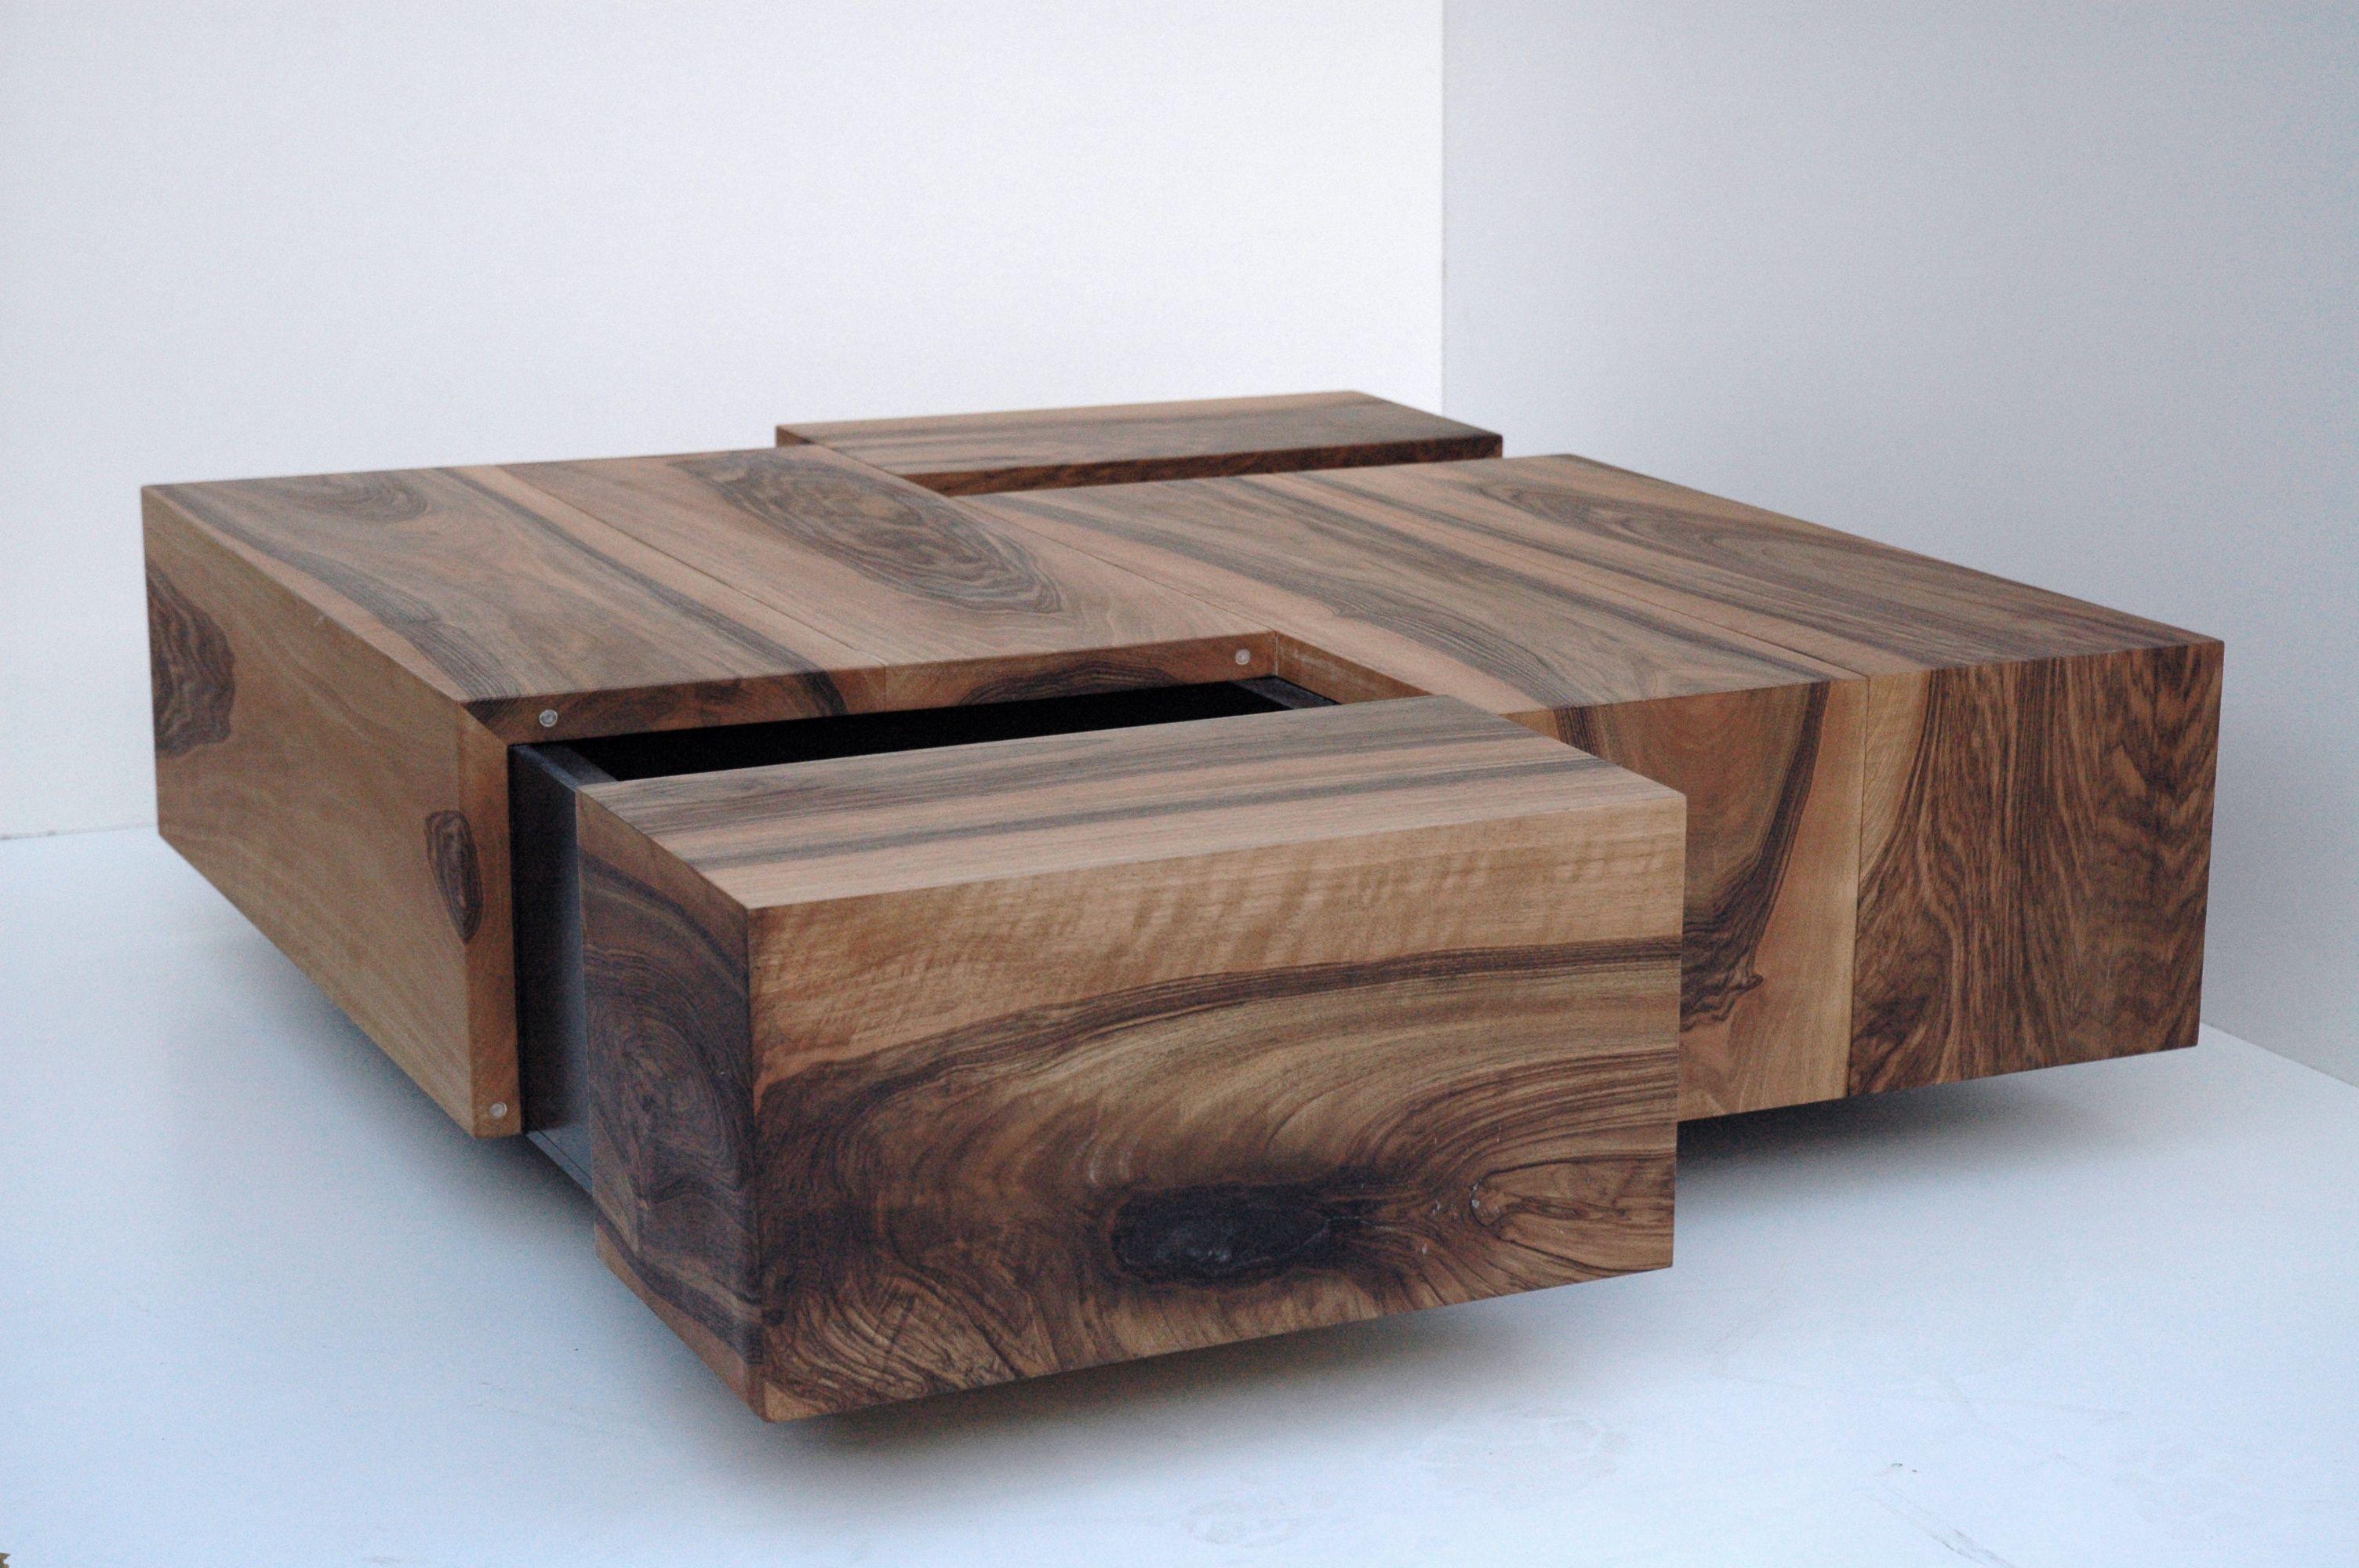 db55d4e1c9a22e33675e25db1a18d6d9 Unique De Table Basse Noyer Design Concept